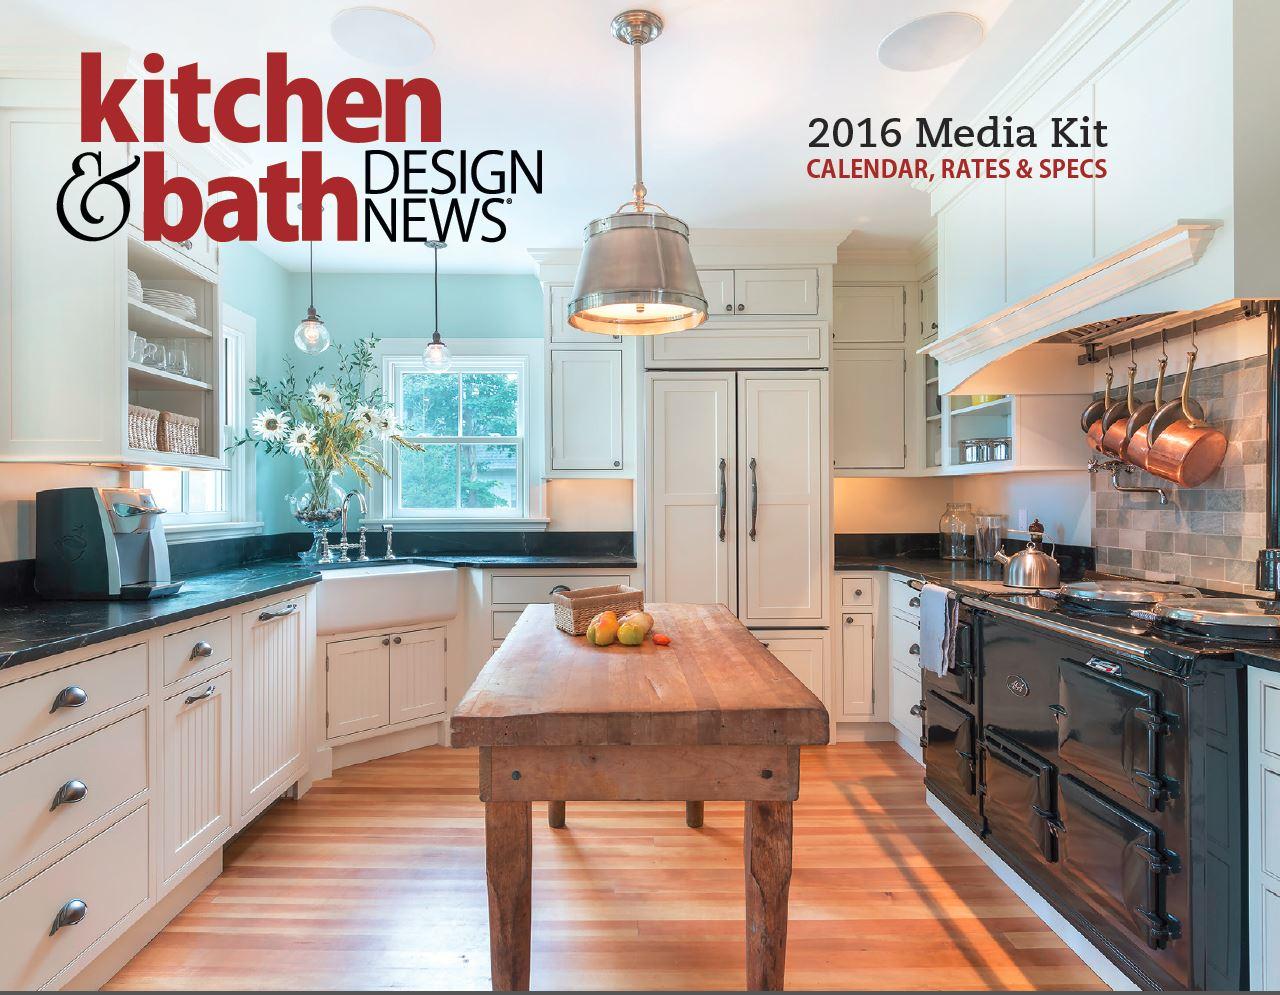 2016 Kitchen & Bath Design News Media Kit | For Residential Pros